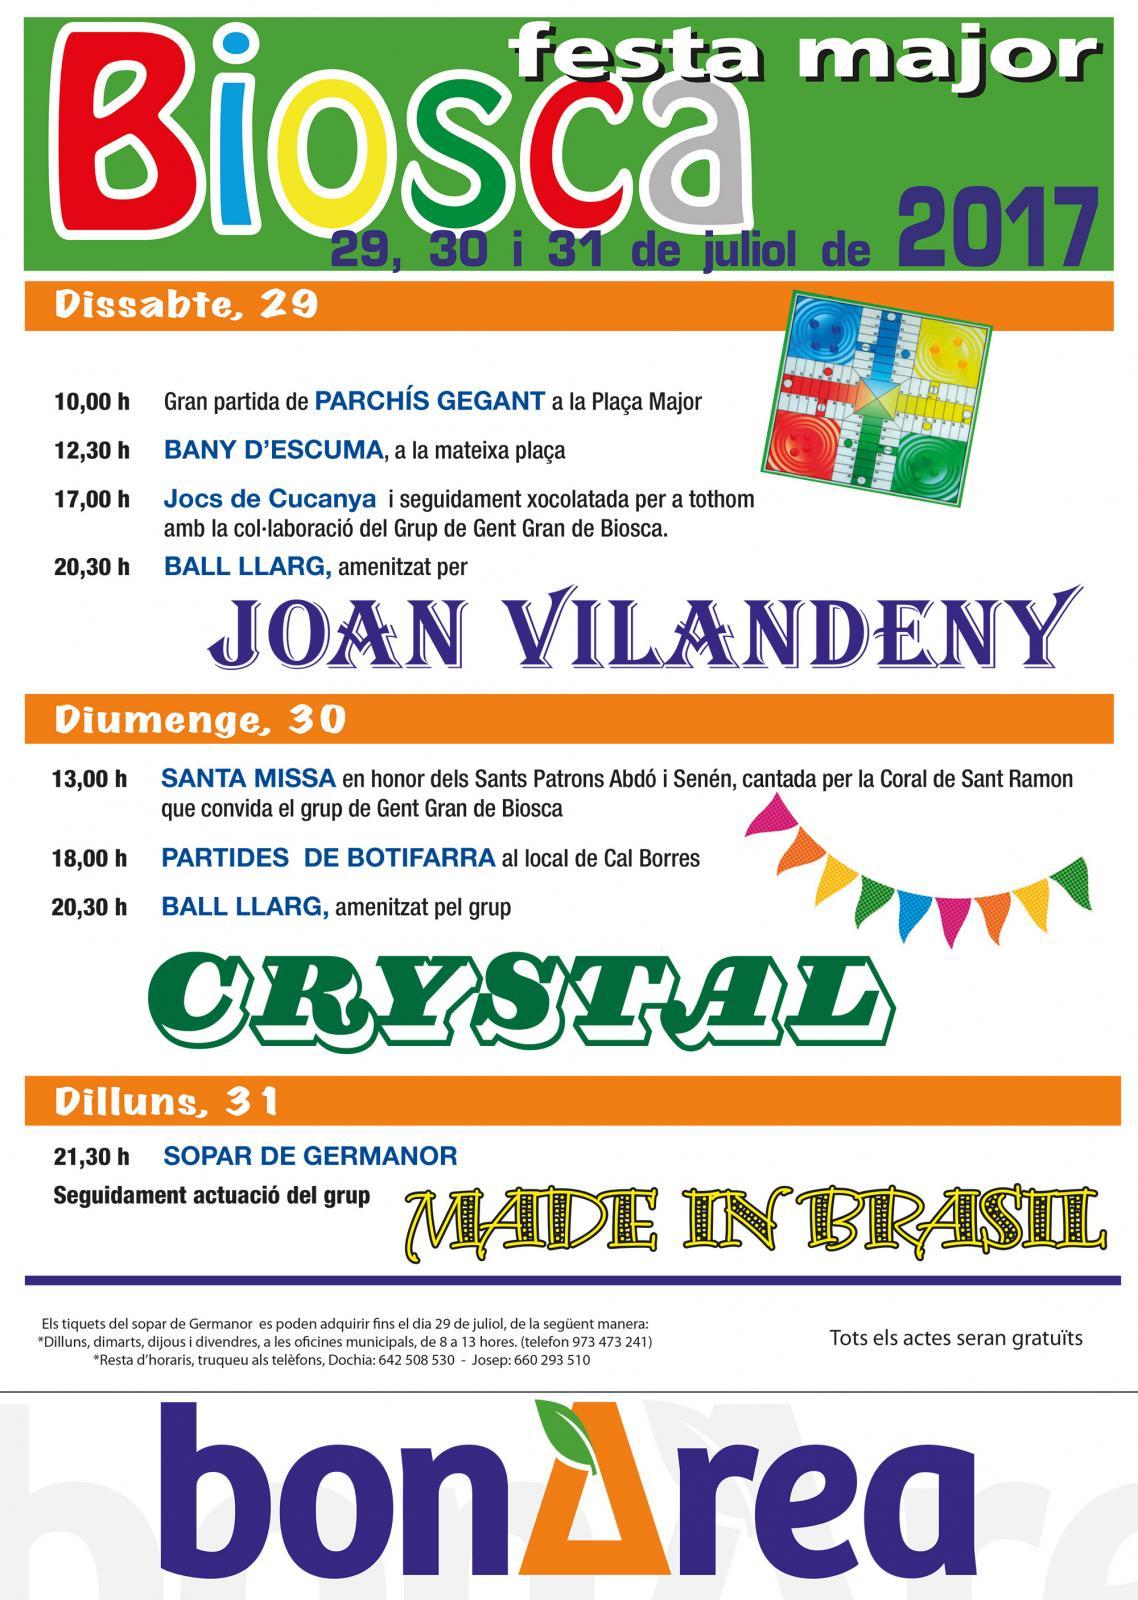 cartell Festa major de Biosca 2017